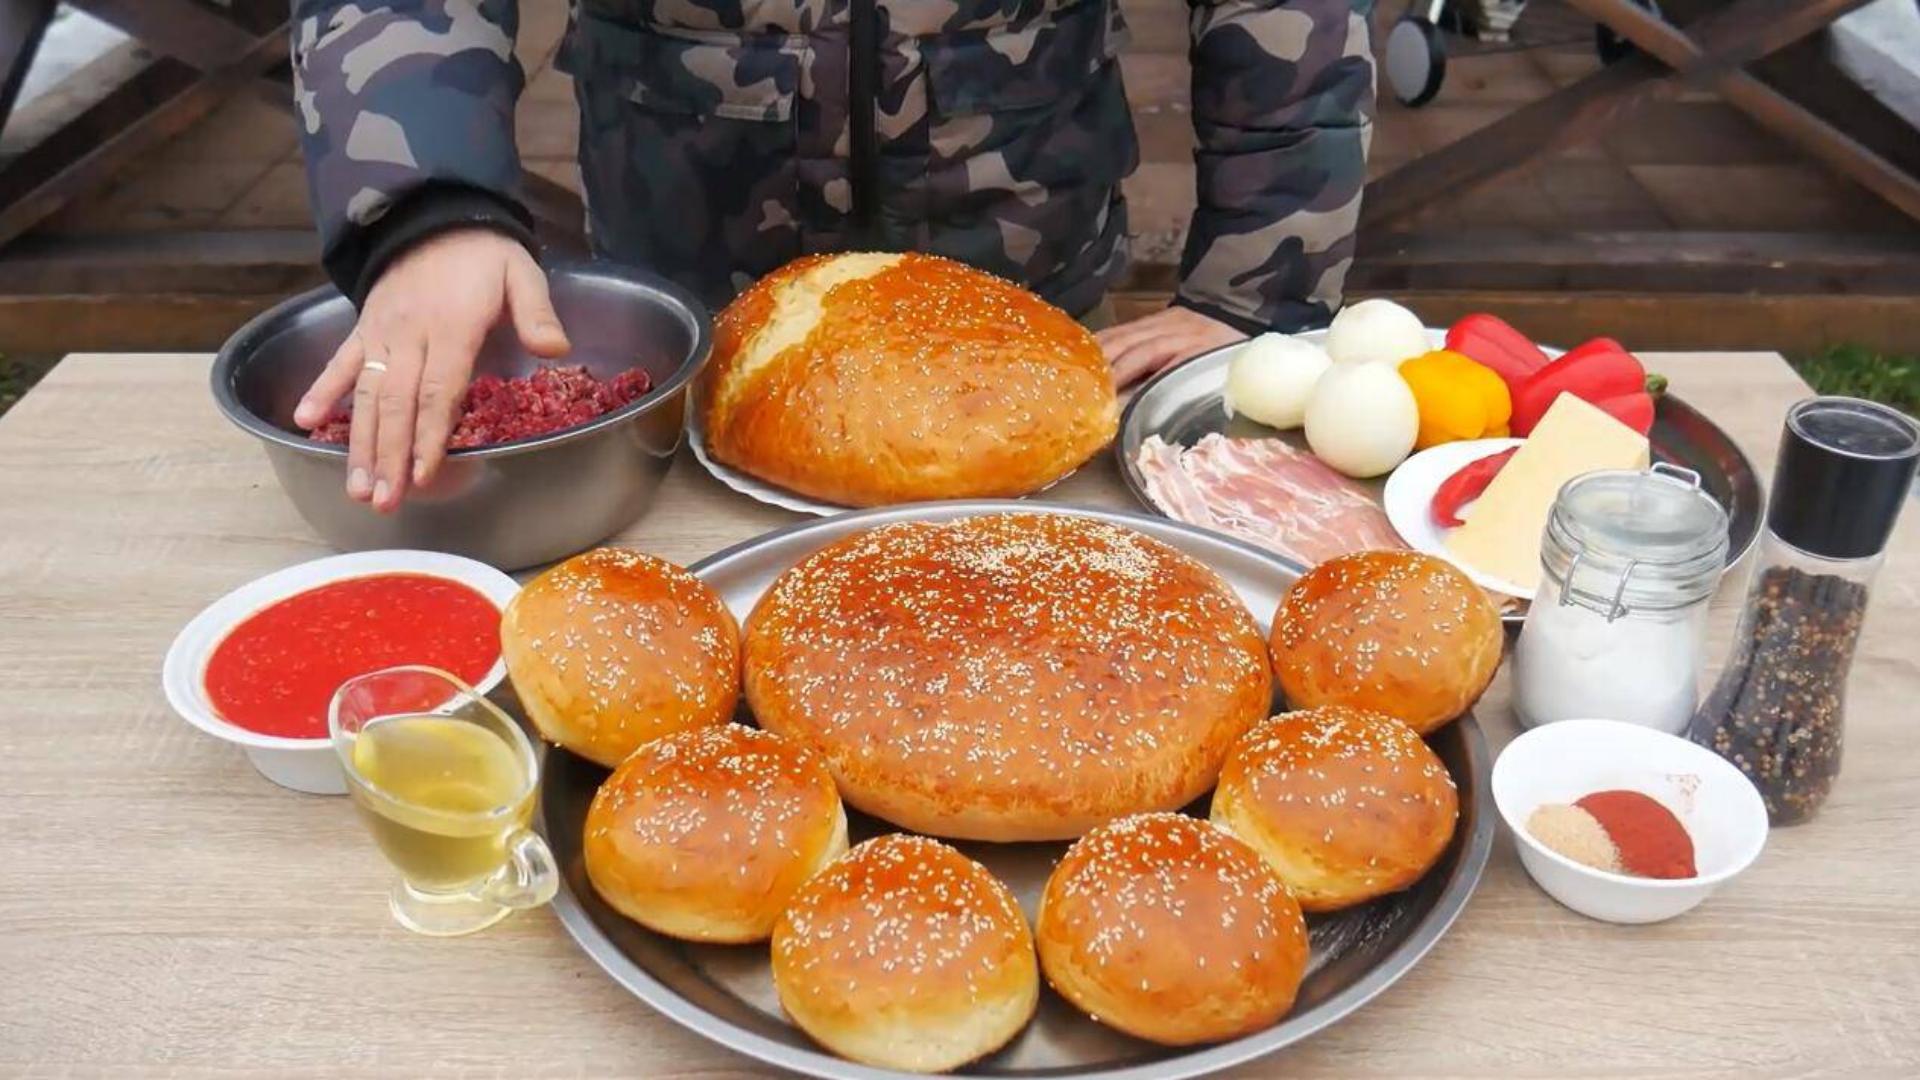 俄罗斯大叔自制超大汉堡,看了制作过程,网友:这腮帮子得吃肿了吧?